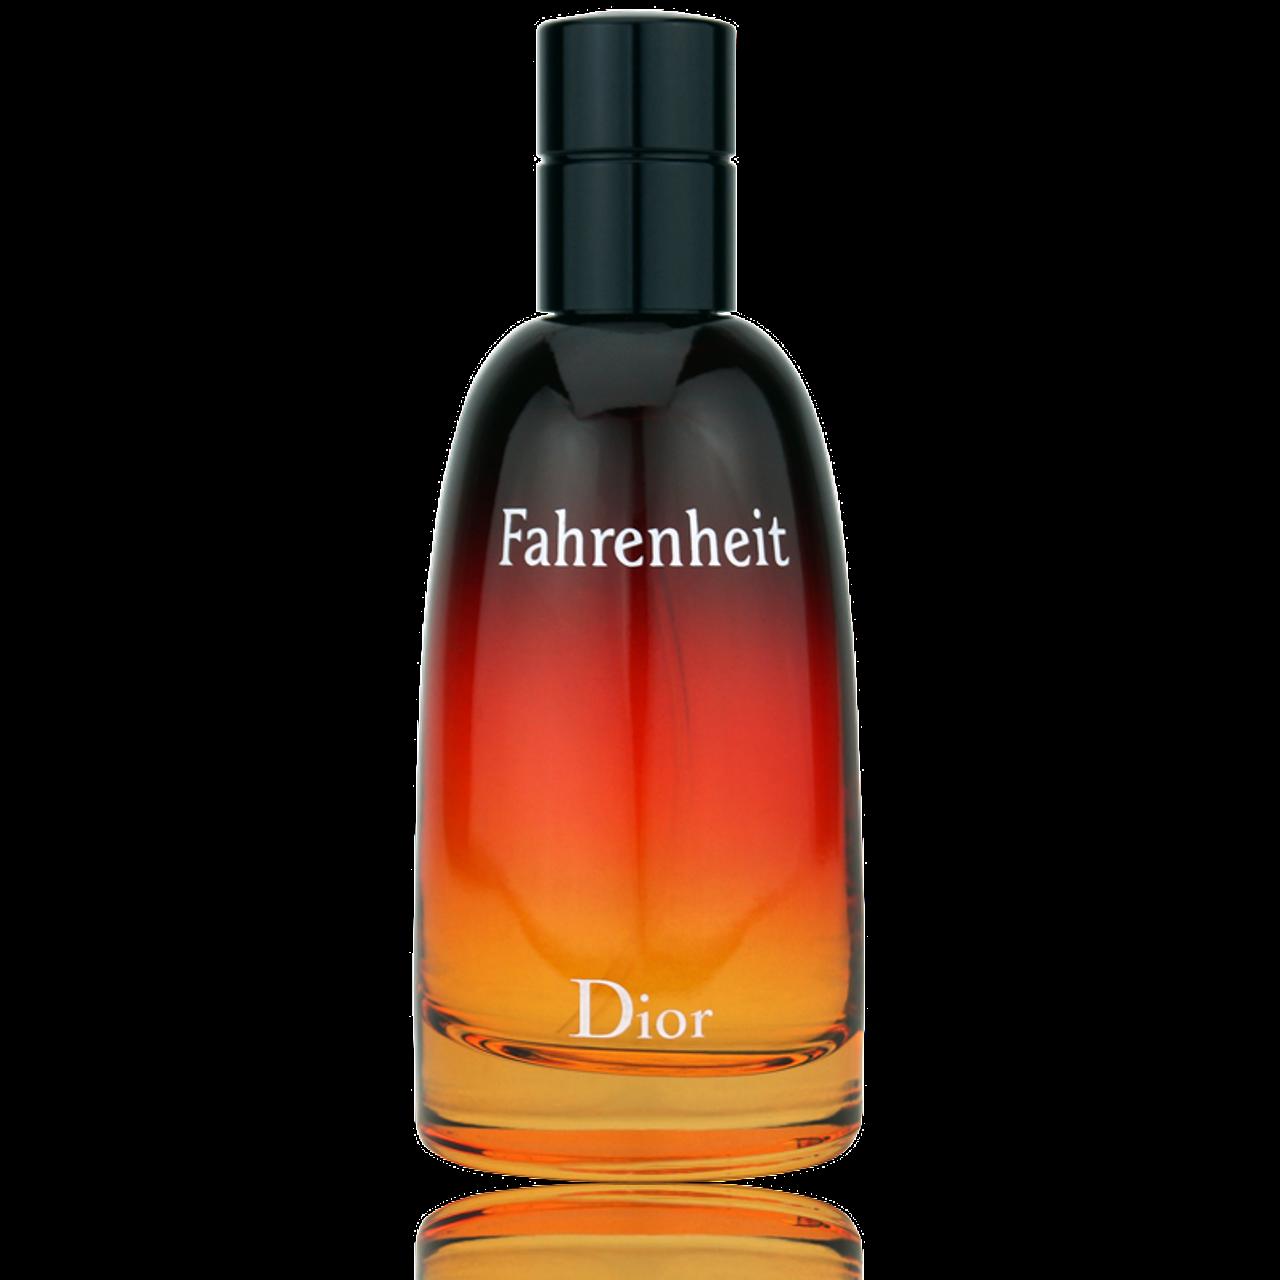 Dior Fahrenheit EdT 50ml